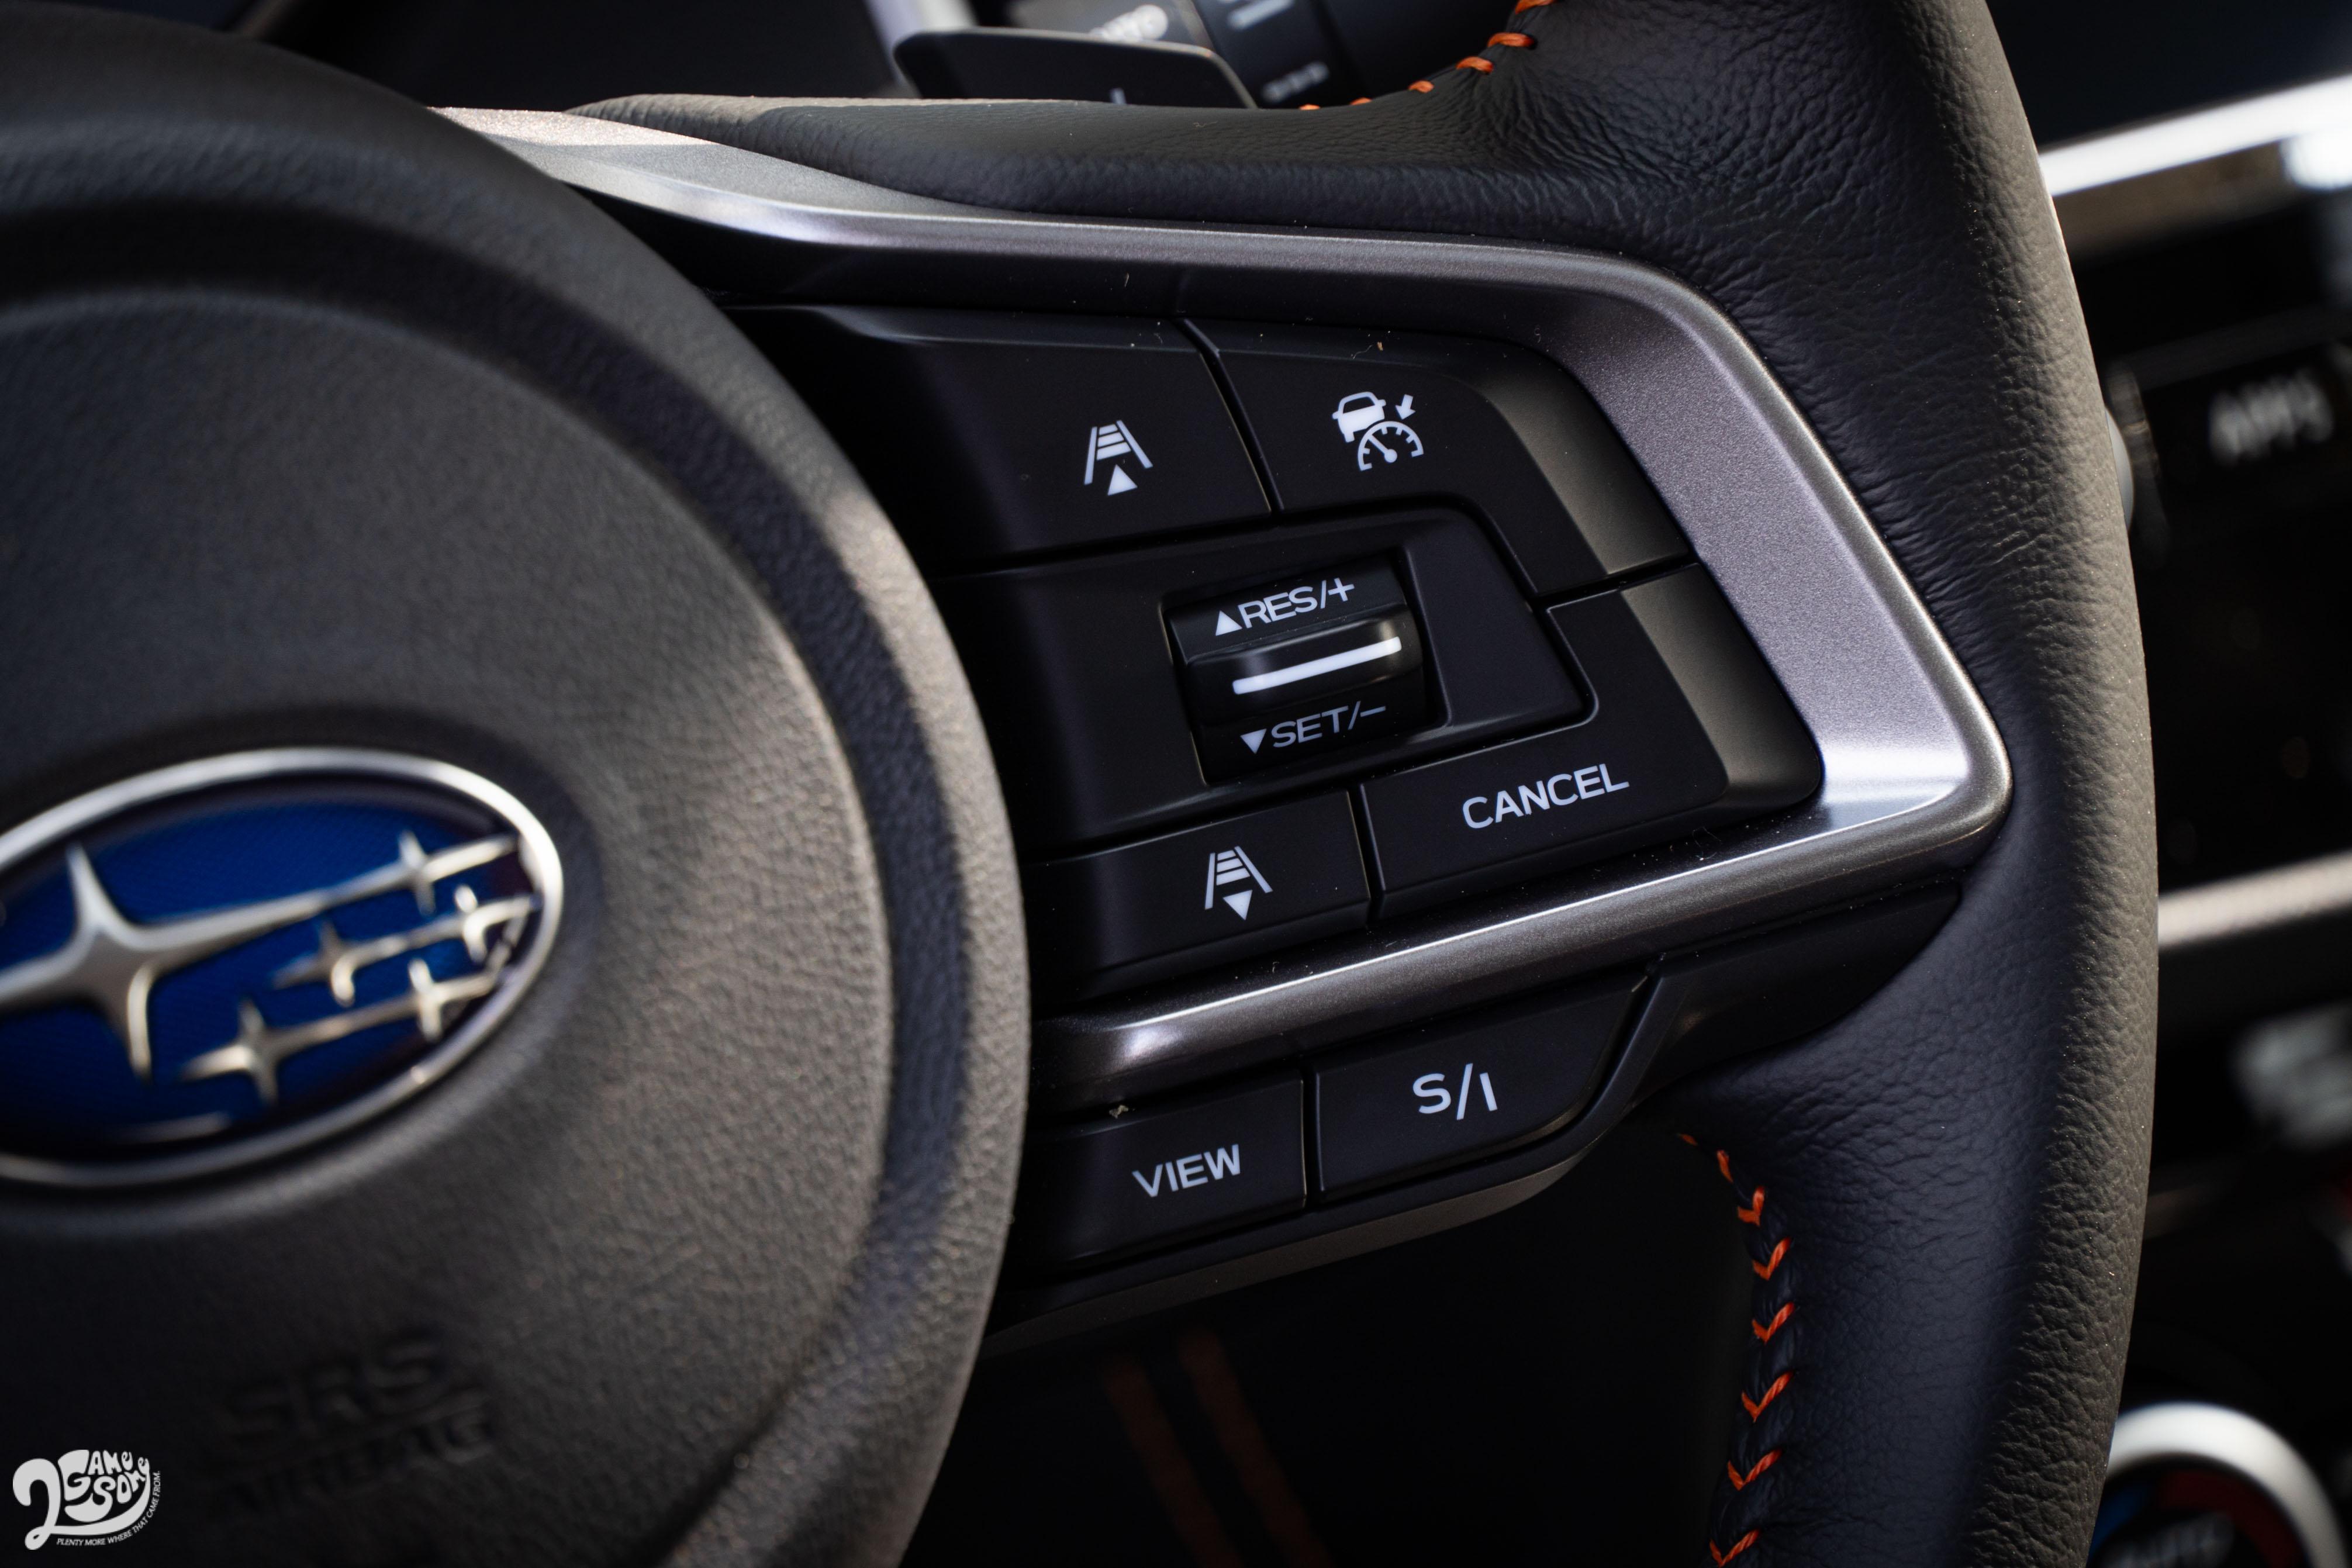 方向盤右側多了「View」按鍵,按下後可透過中控臺上方螢幕查看前車影像。